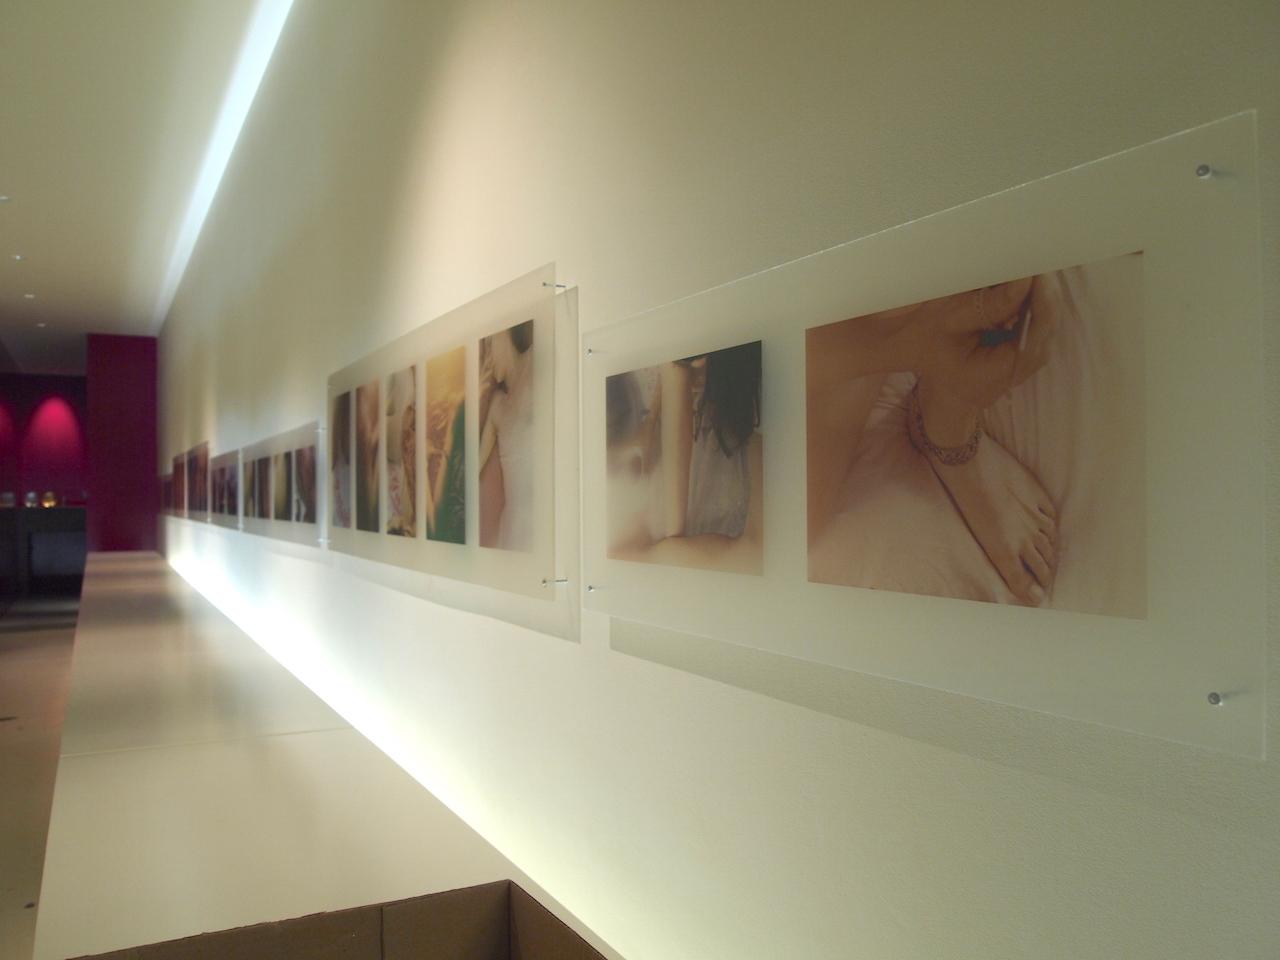 4-2009:10-Tout simple sans accoudoir-Pascale lafay,objets photographiques-Montreux-Switzerland-3.JPG